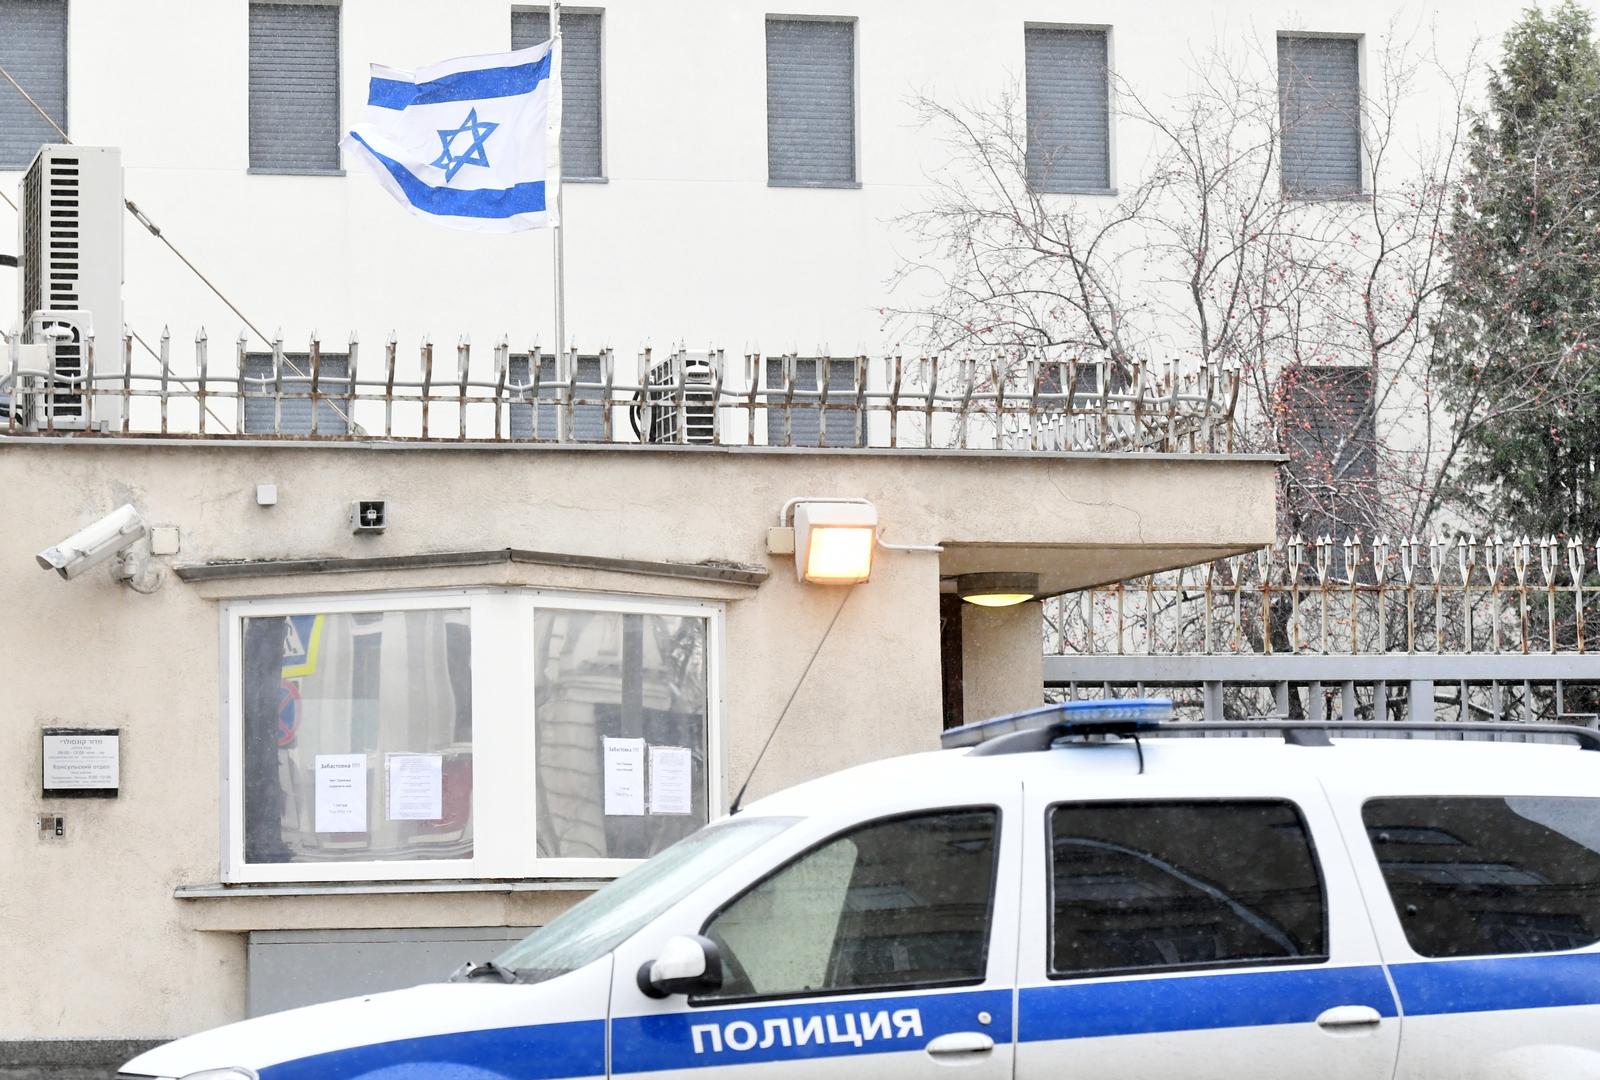 مقتل شرطي إسرائيلي وإصابة آخر بعملية دهس في مستوطنة نهاريا